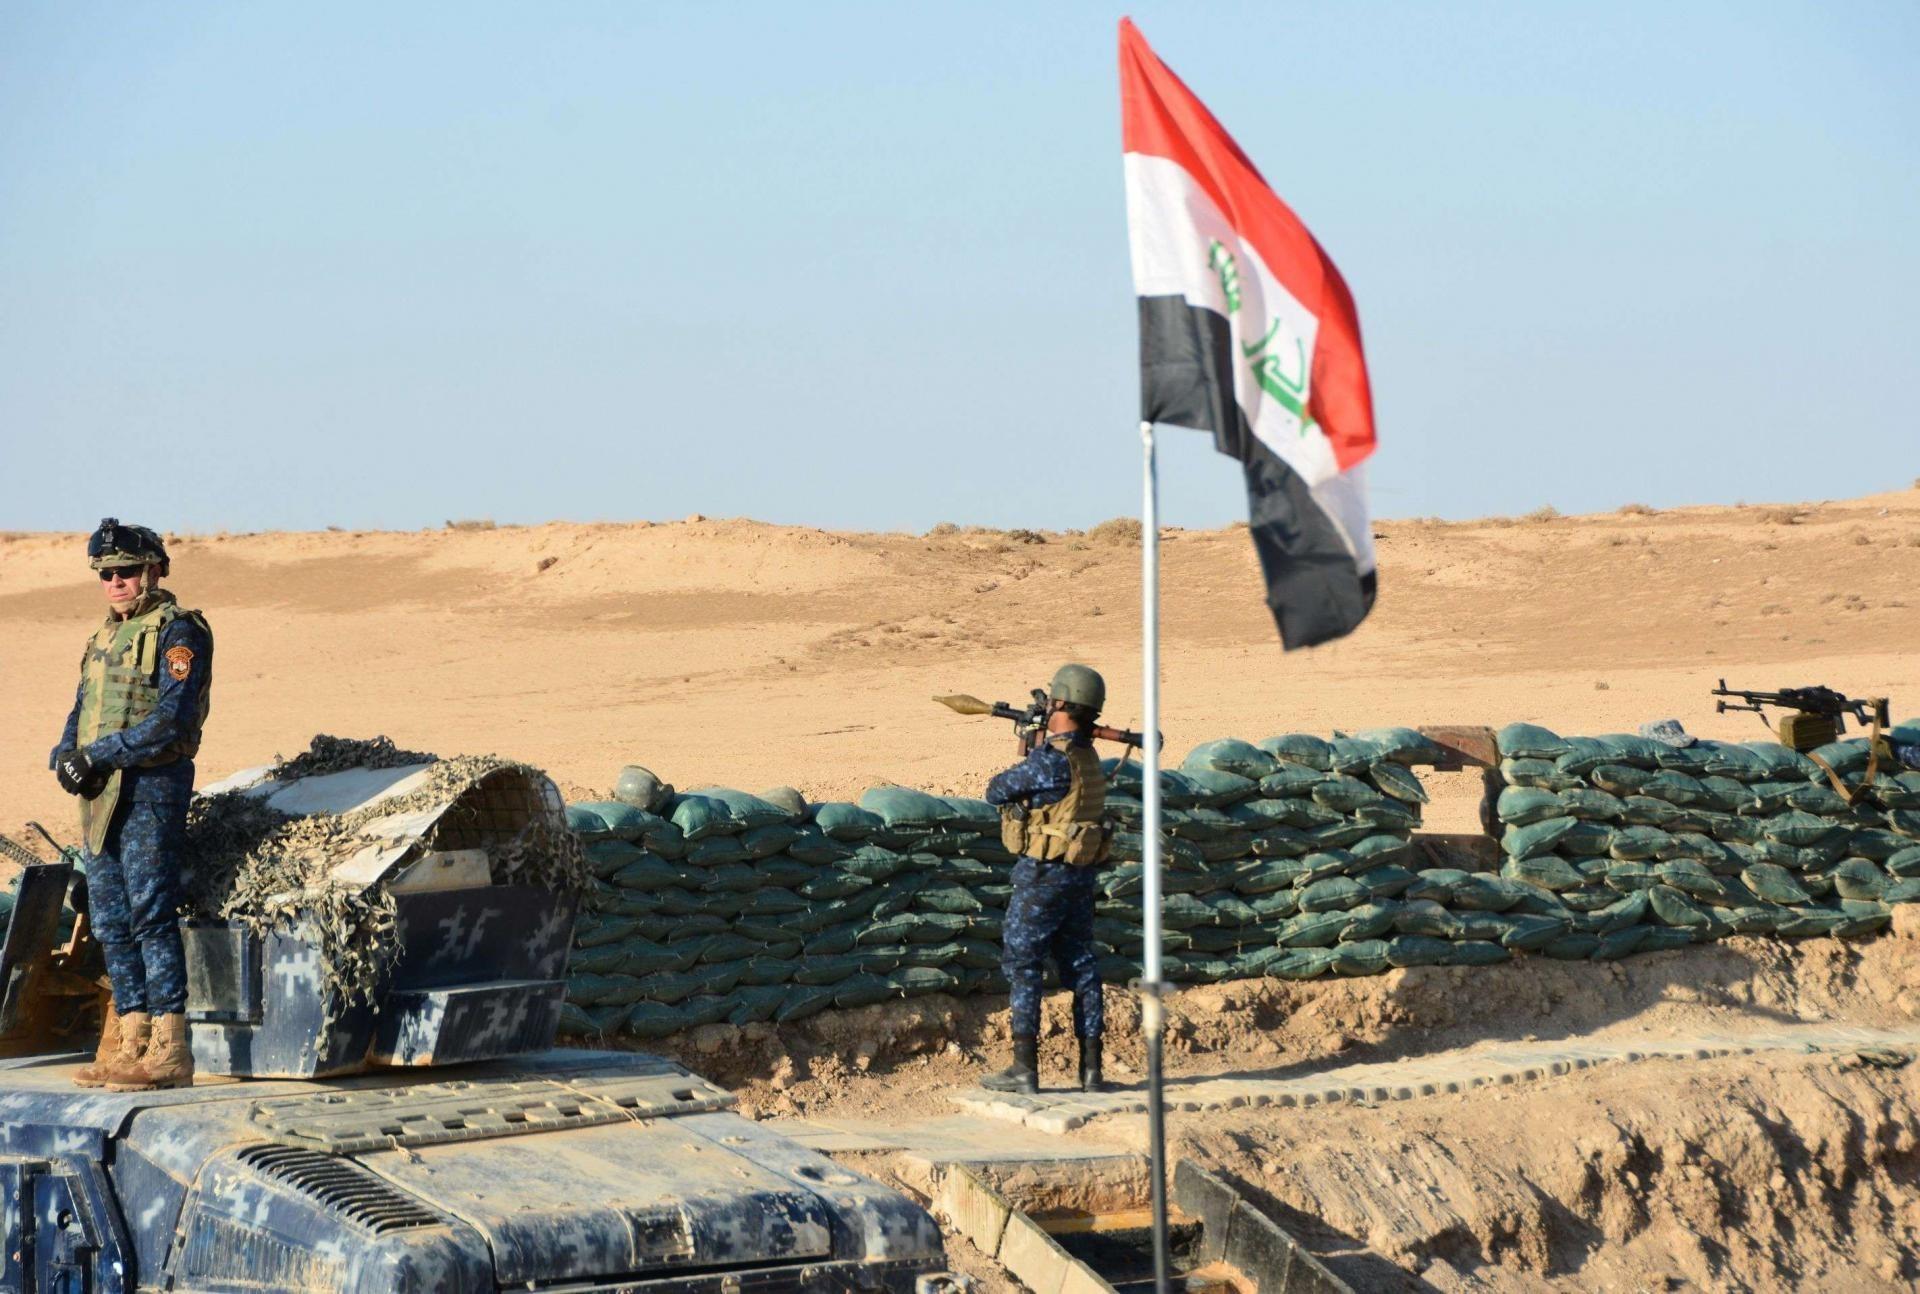 العراق: مقتل 3 إرهابيين جنوب غربي الرطبة